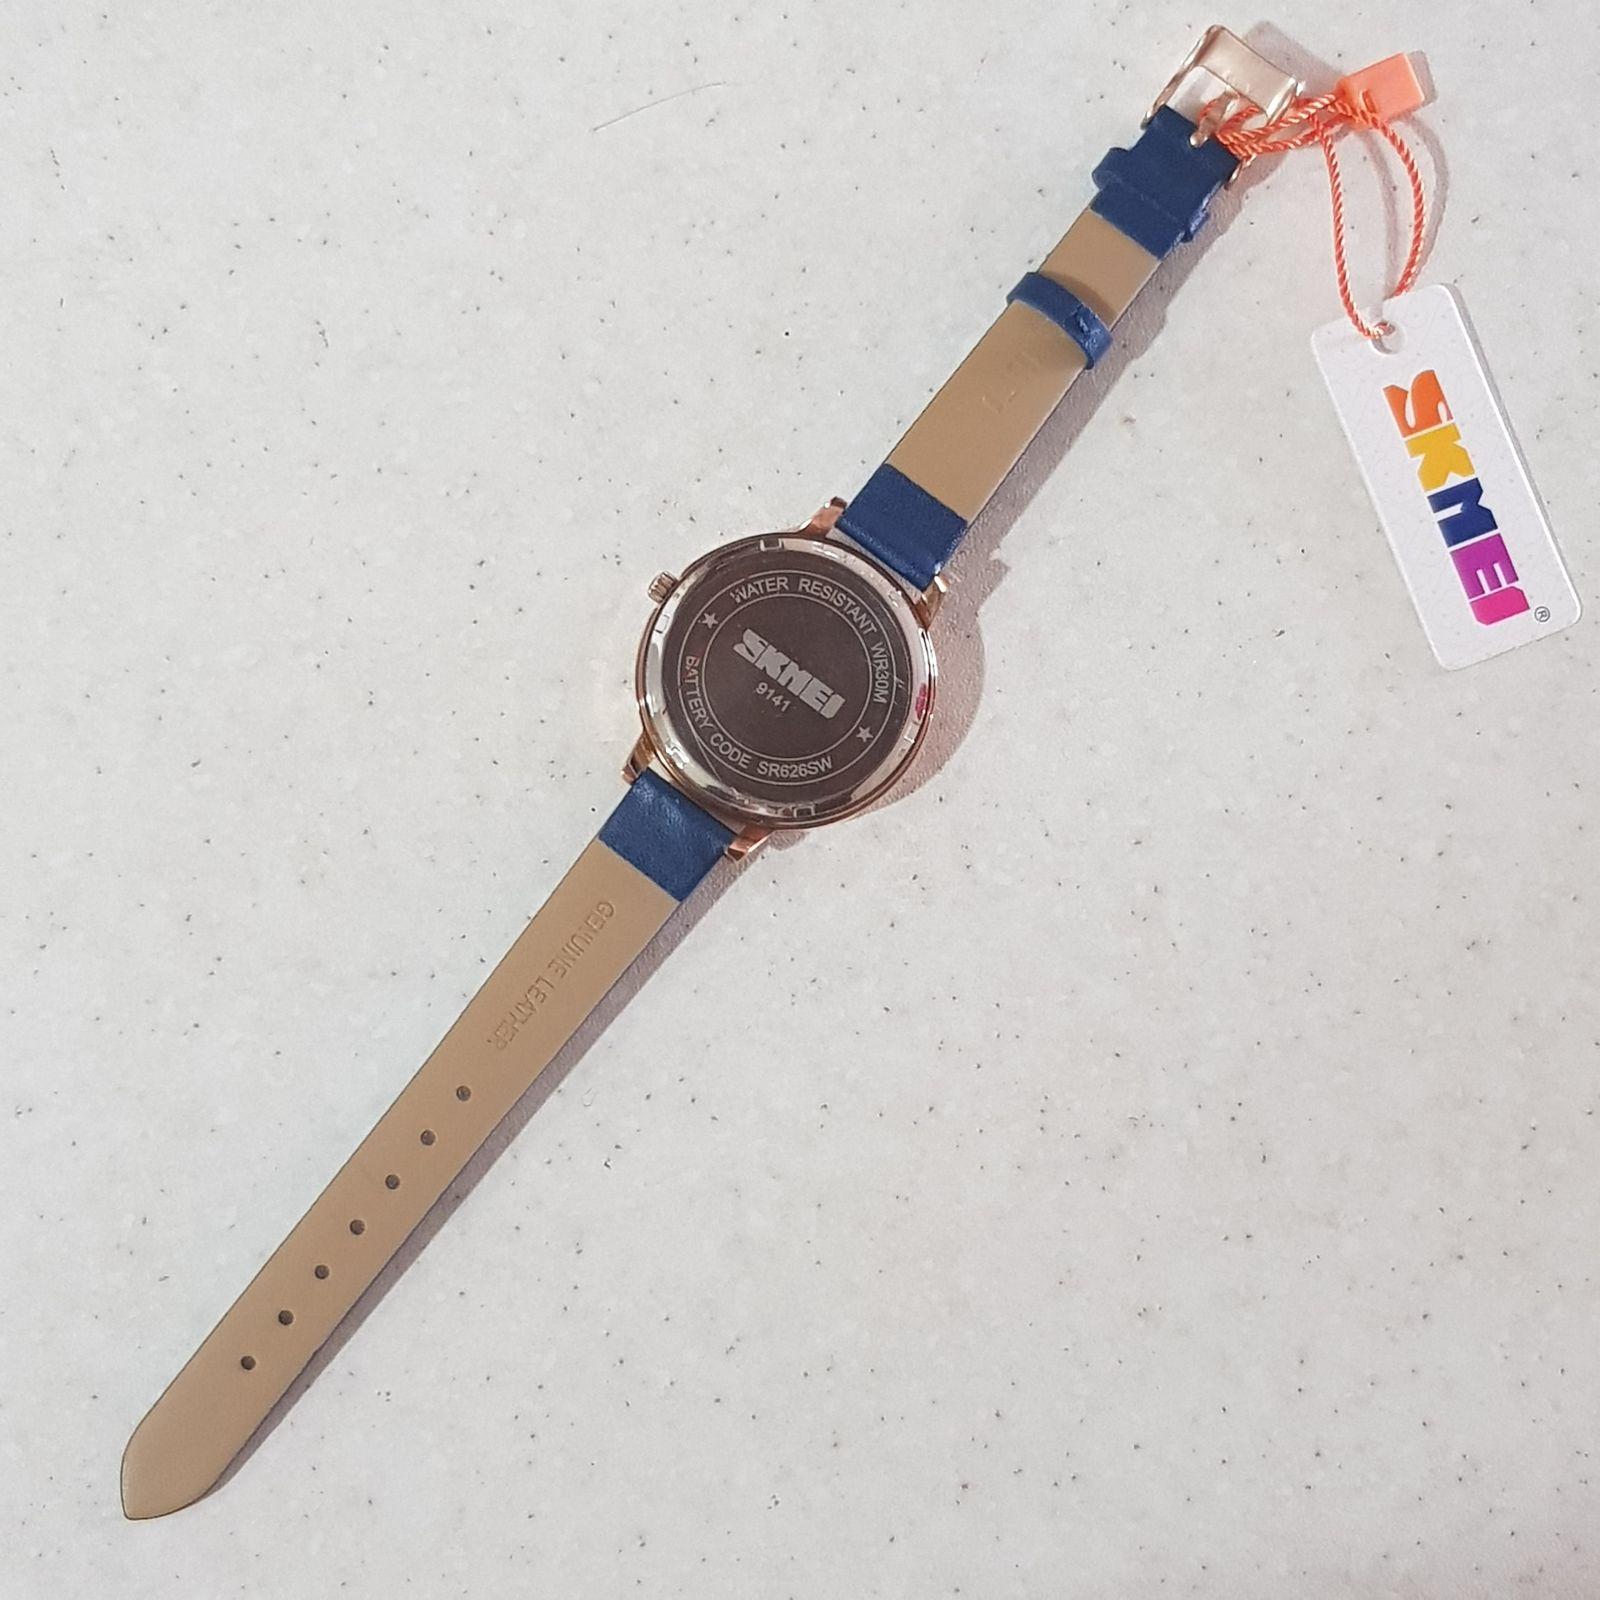 ساعت مچی عقربه ای زنانه اسکمی مدل 41-91 کد 04 -  - 6